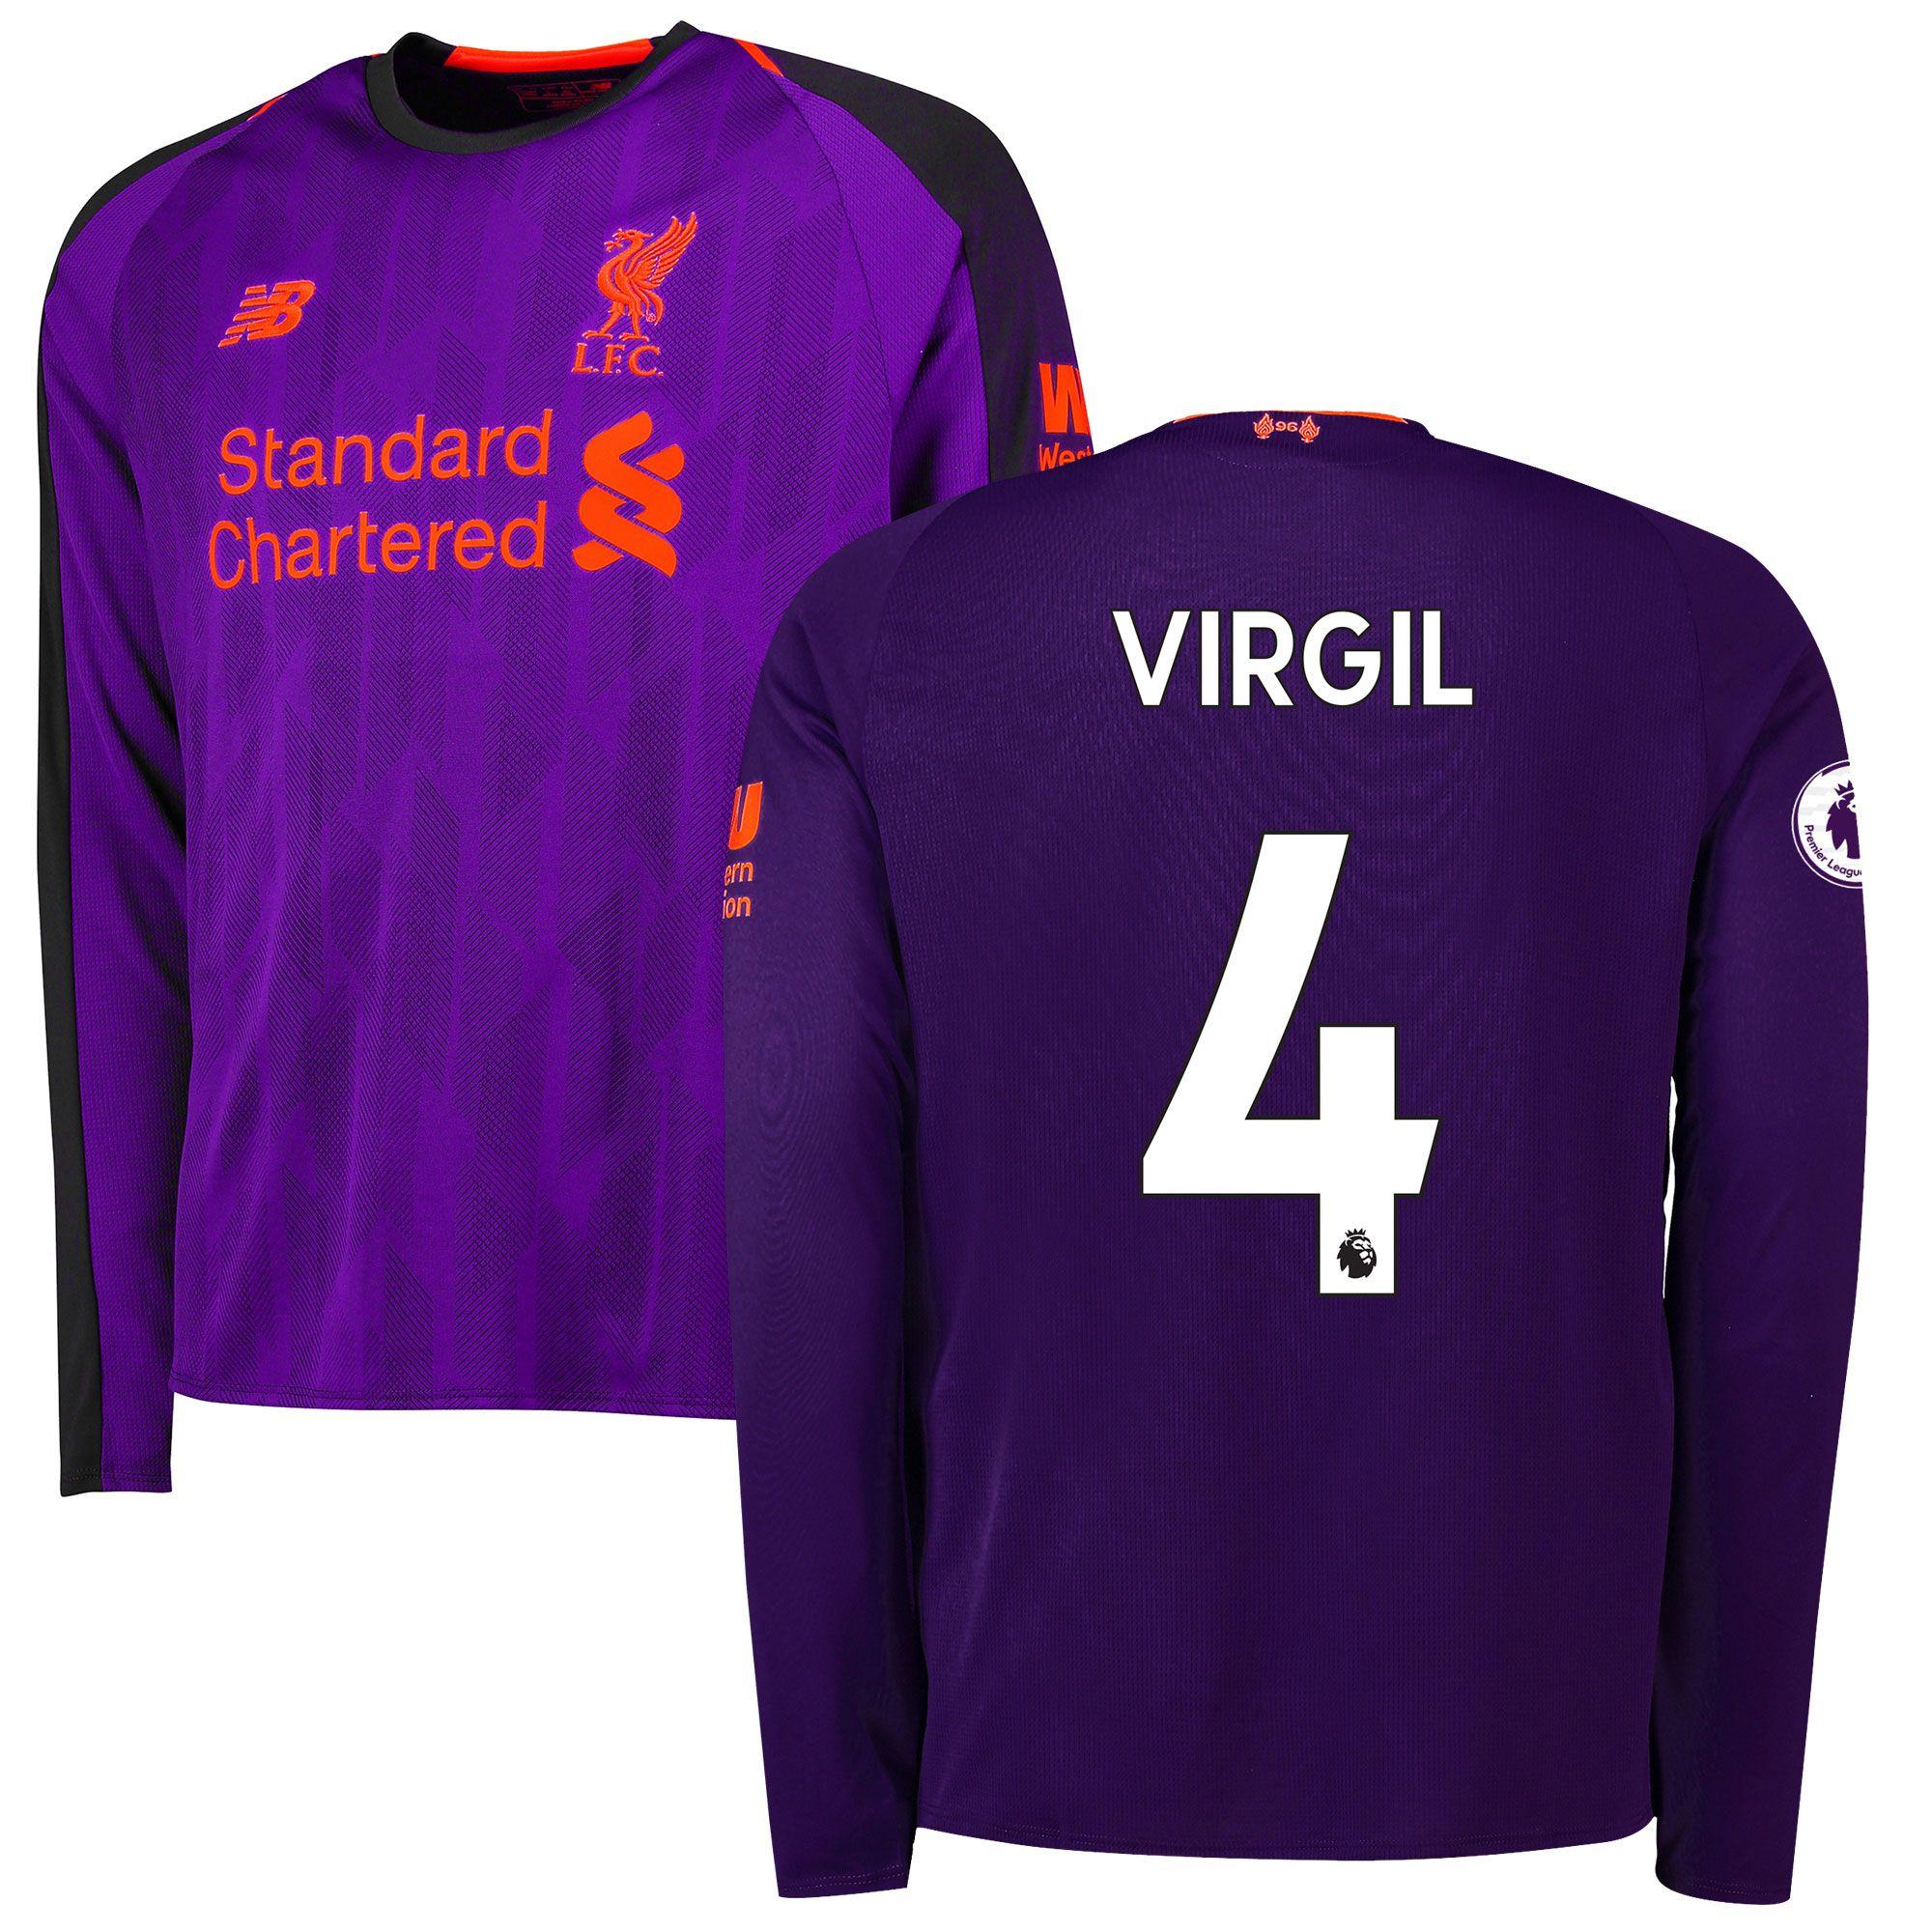 online store 45425 ecad8 Virgil Van Dijk Liverpool New Balance 2018/19 Away Replica ...